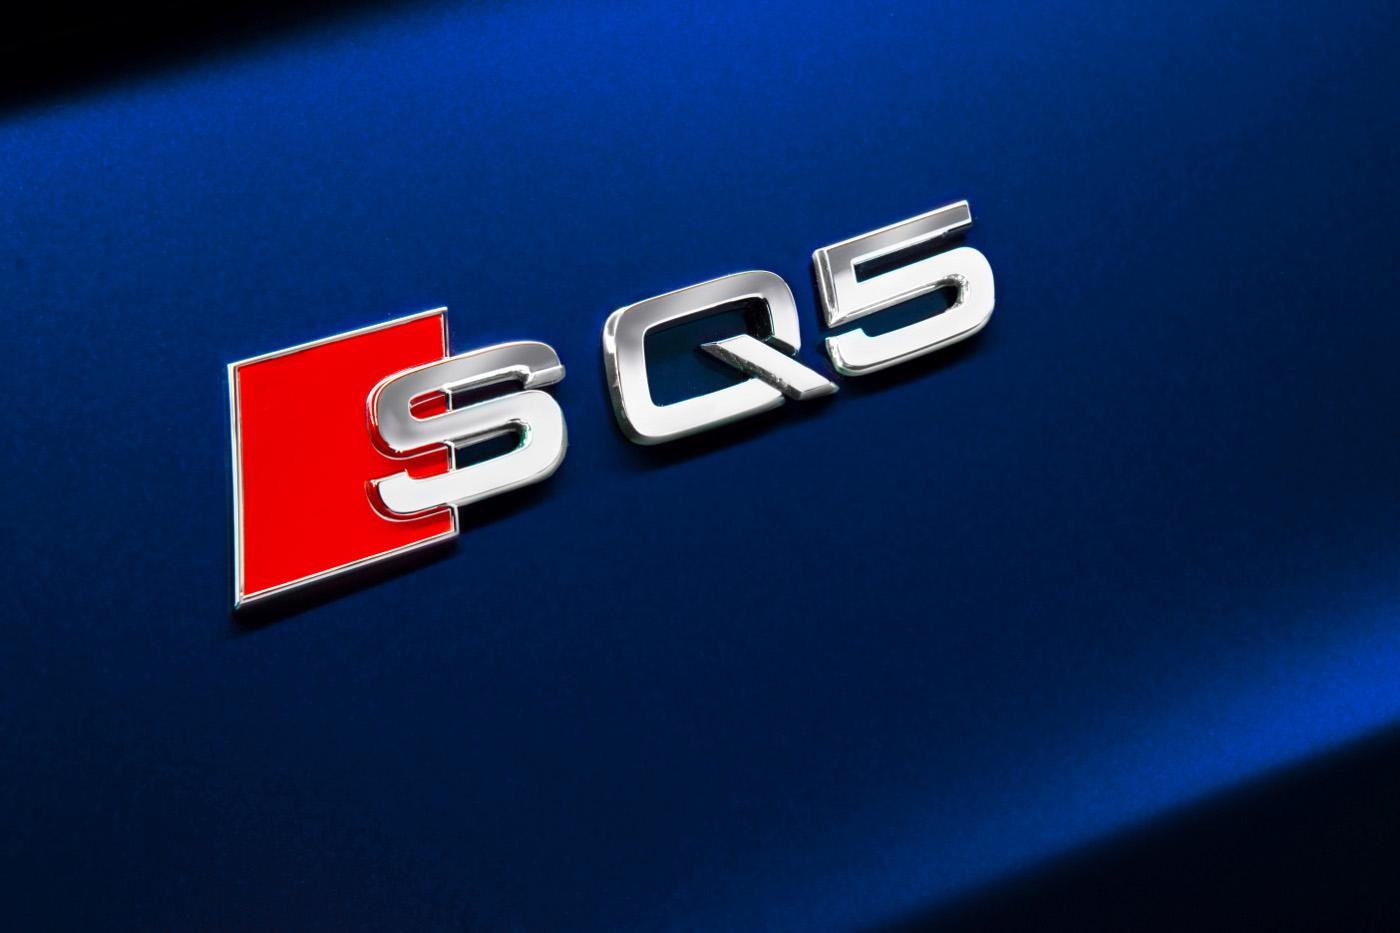 6-audi-sq5-details-exterieur.jpg